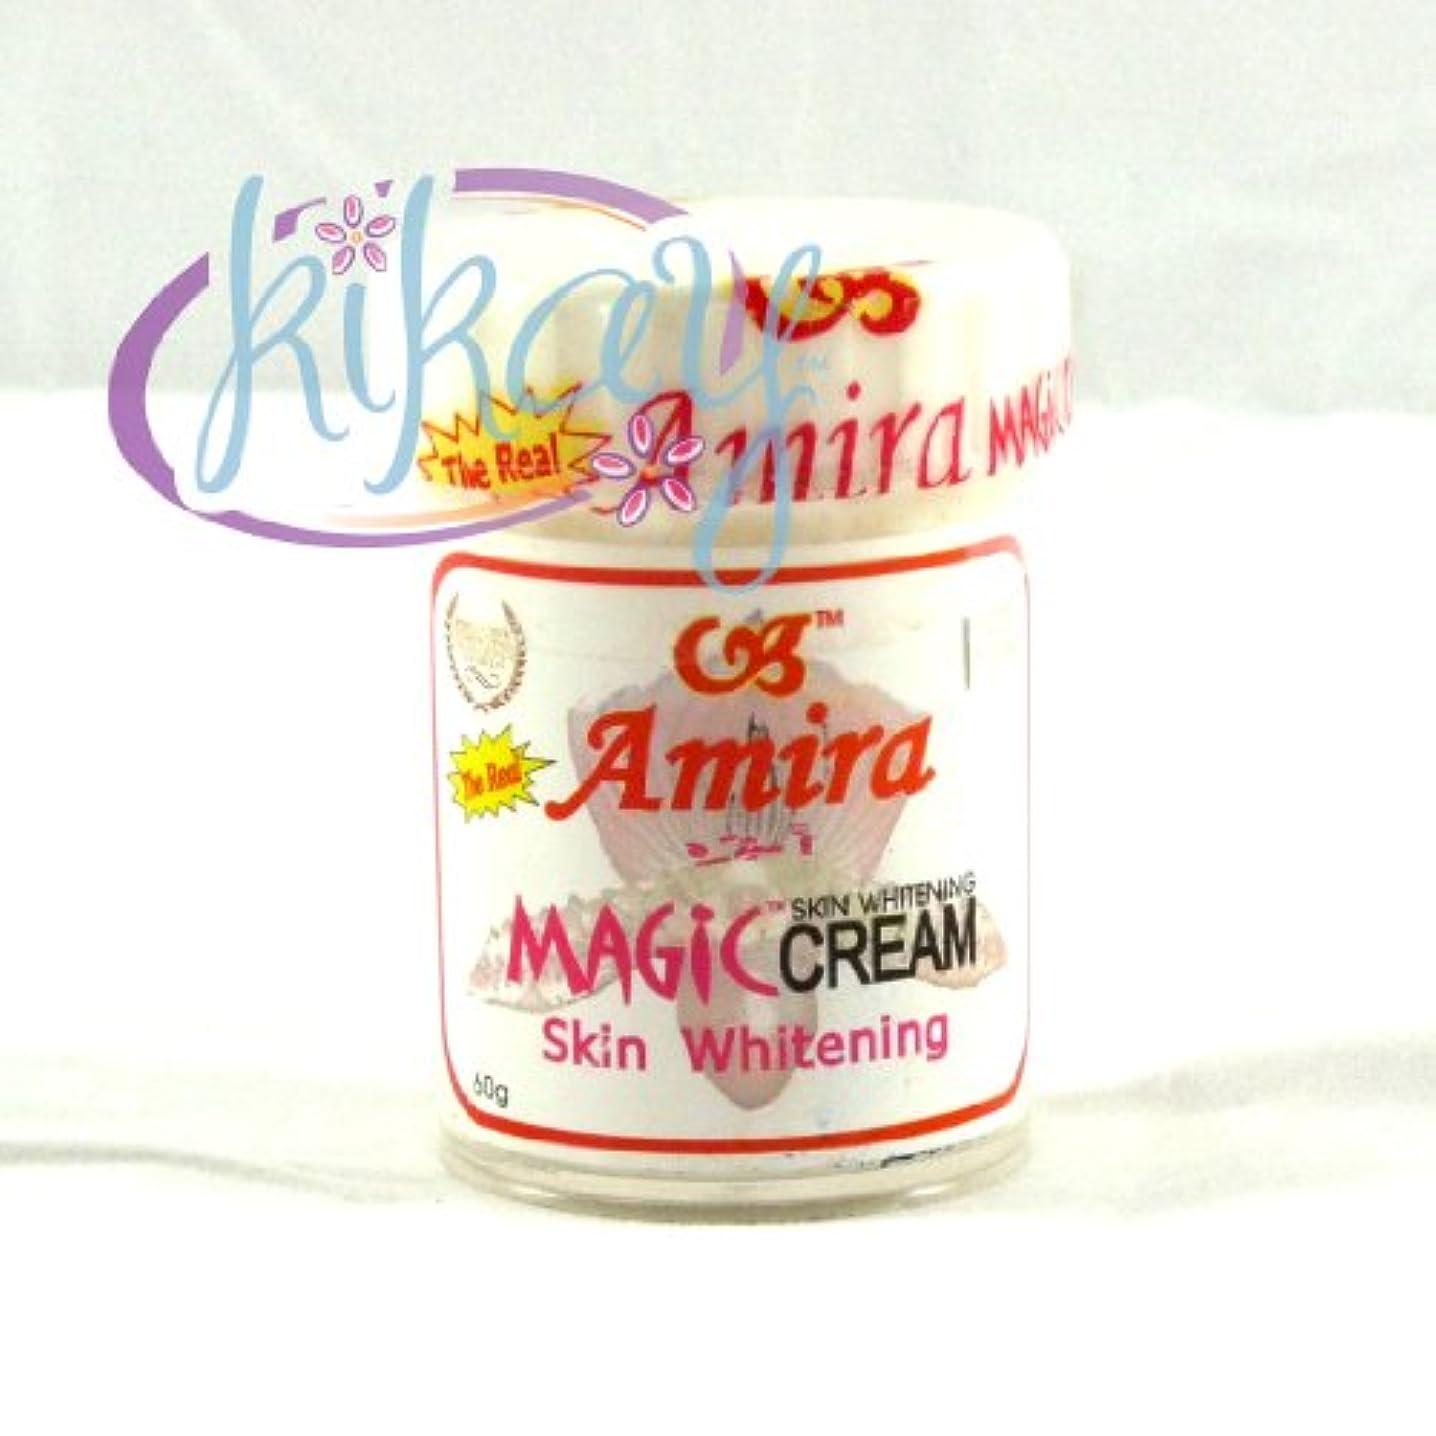 移行バケット酔っ払いAMIRA THE REAL MAGIC CREAM【SKIN WHITENING CREAM 60g】PHILIPPINES〈スキン ホワイトニング クリーム〉フィリピン